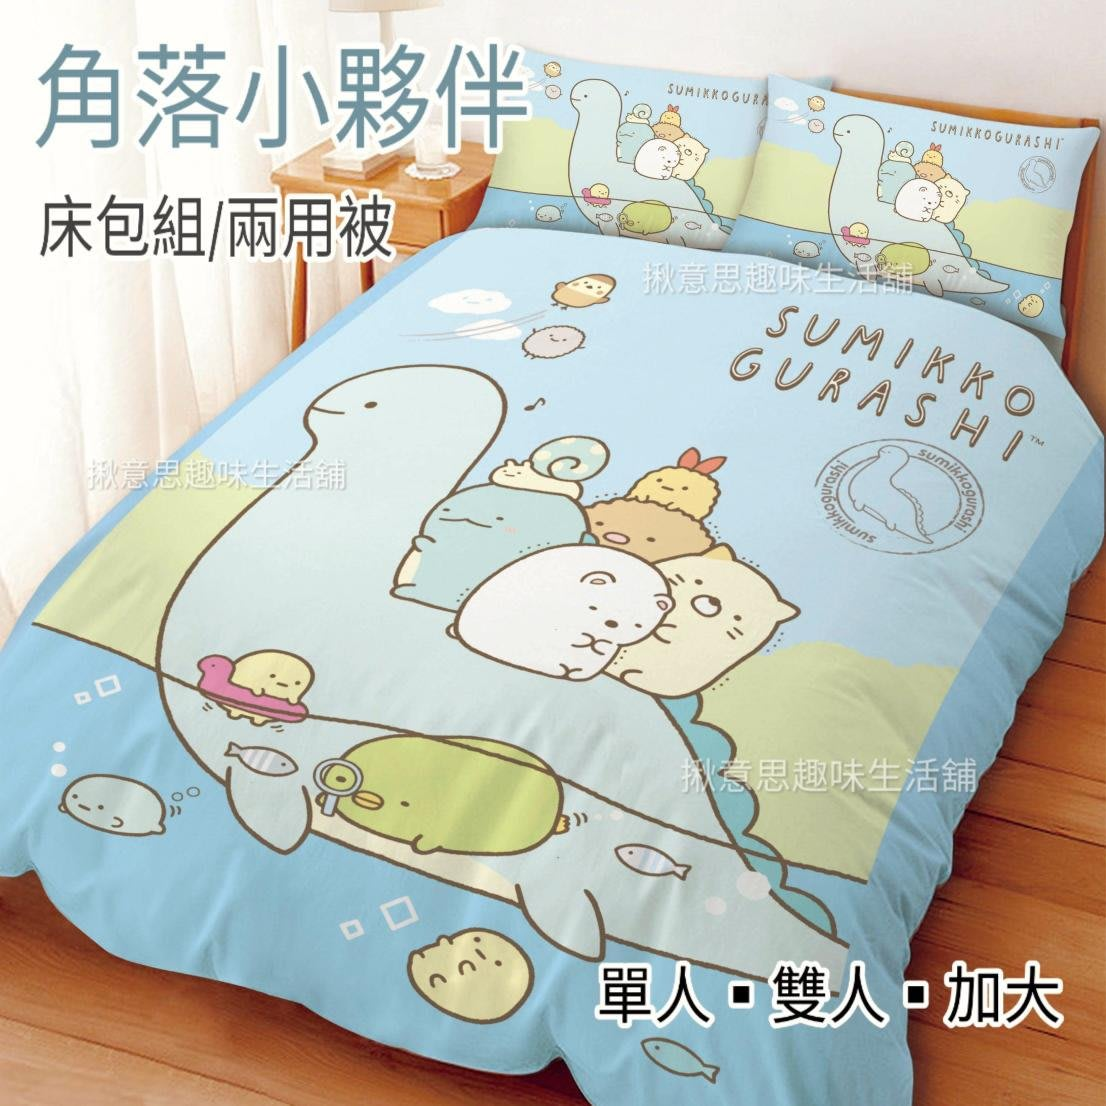 台灣製正版角落生物雙人加大床包+雙人薄被單四件組 恐龍世紀 現貨/台製床包組 角落小夥伴被套 台製寢具組 鬆緊帶 角落生物被套 枕套床包床單 雙人被單